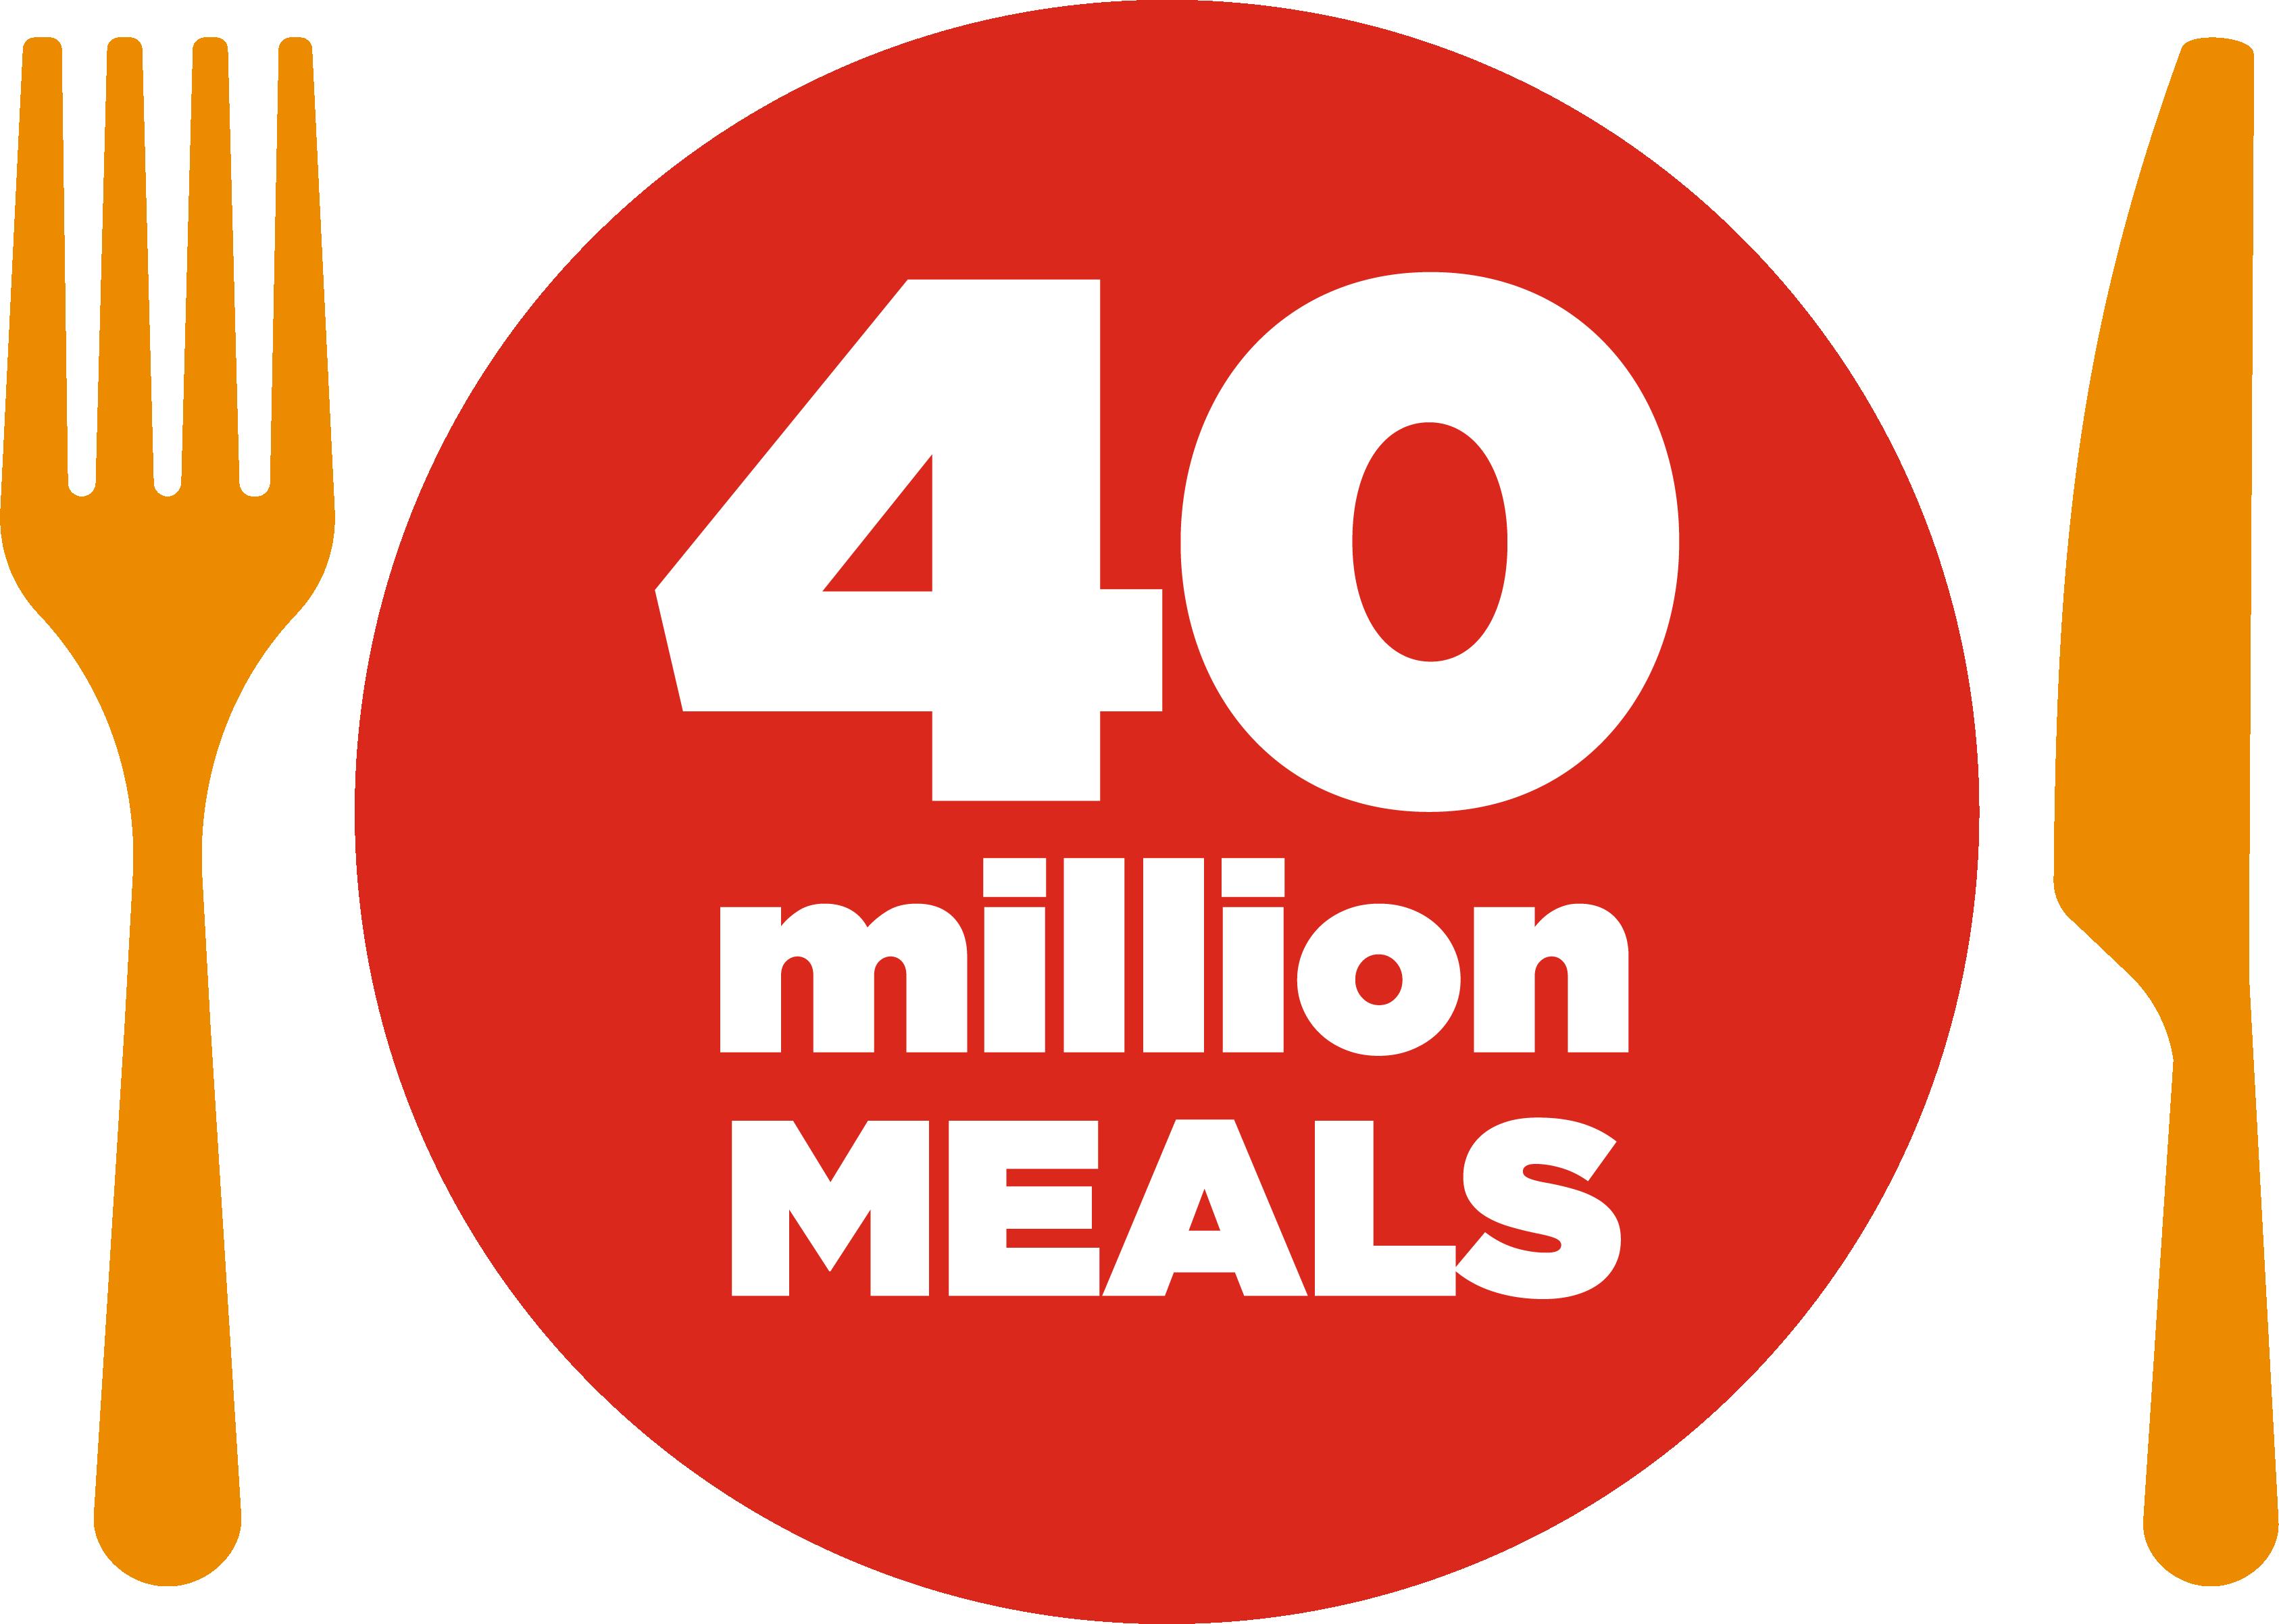 Together let's give - 40 million MEALS